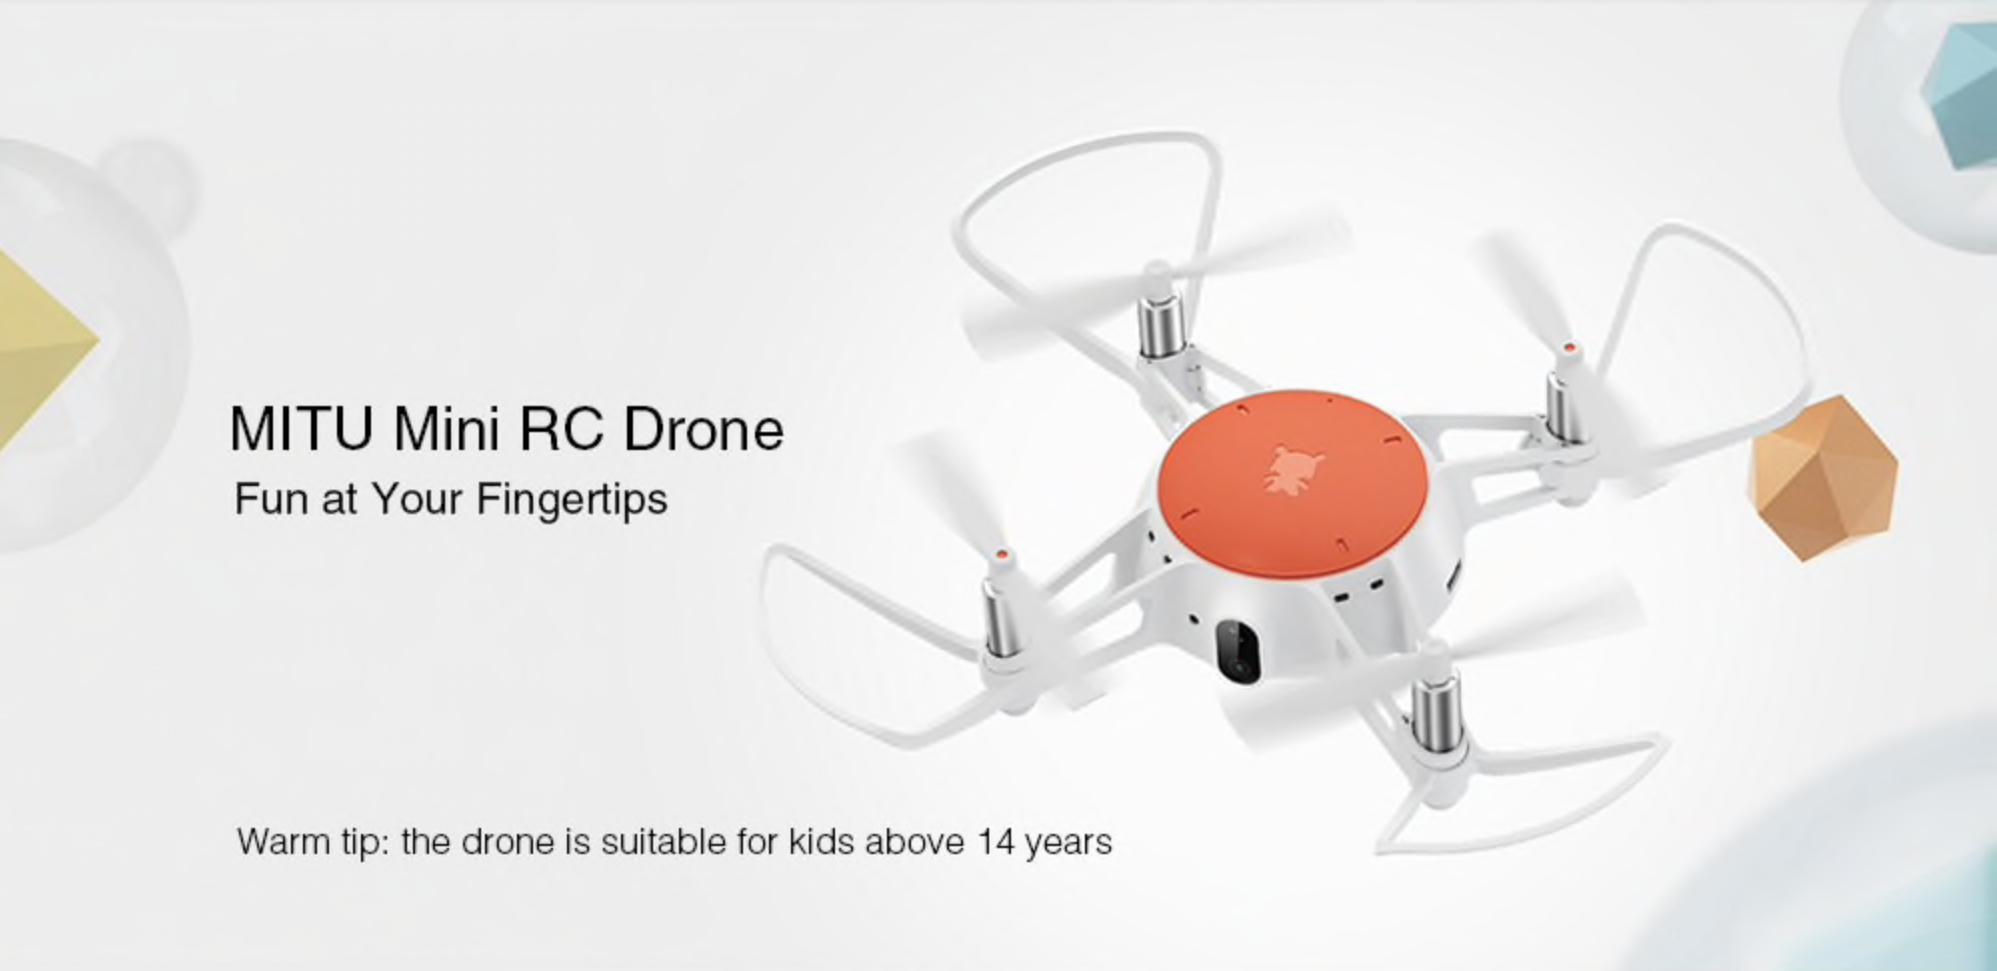 Gearbest: Exkluzivní dron od Xiaomi za velmi nízkou cenu! [sponzorovaný článek]